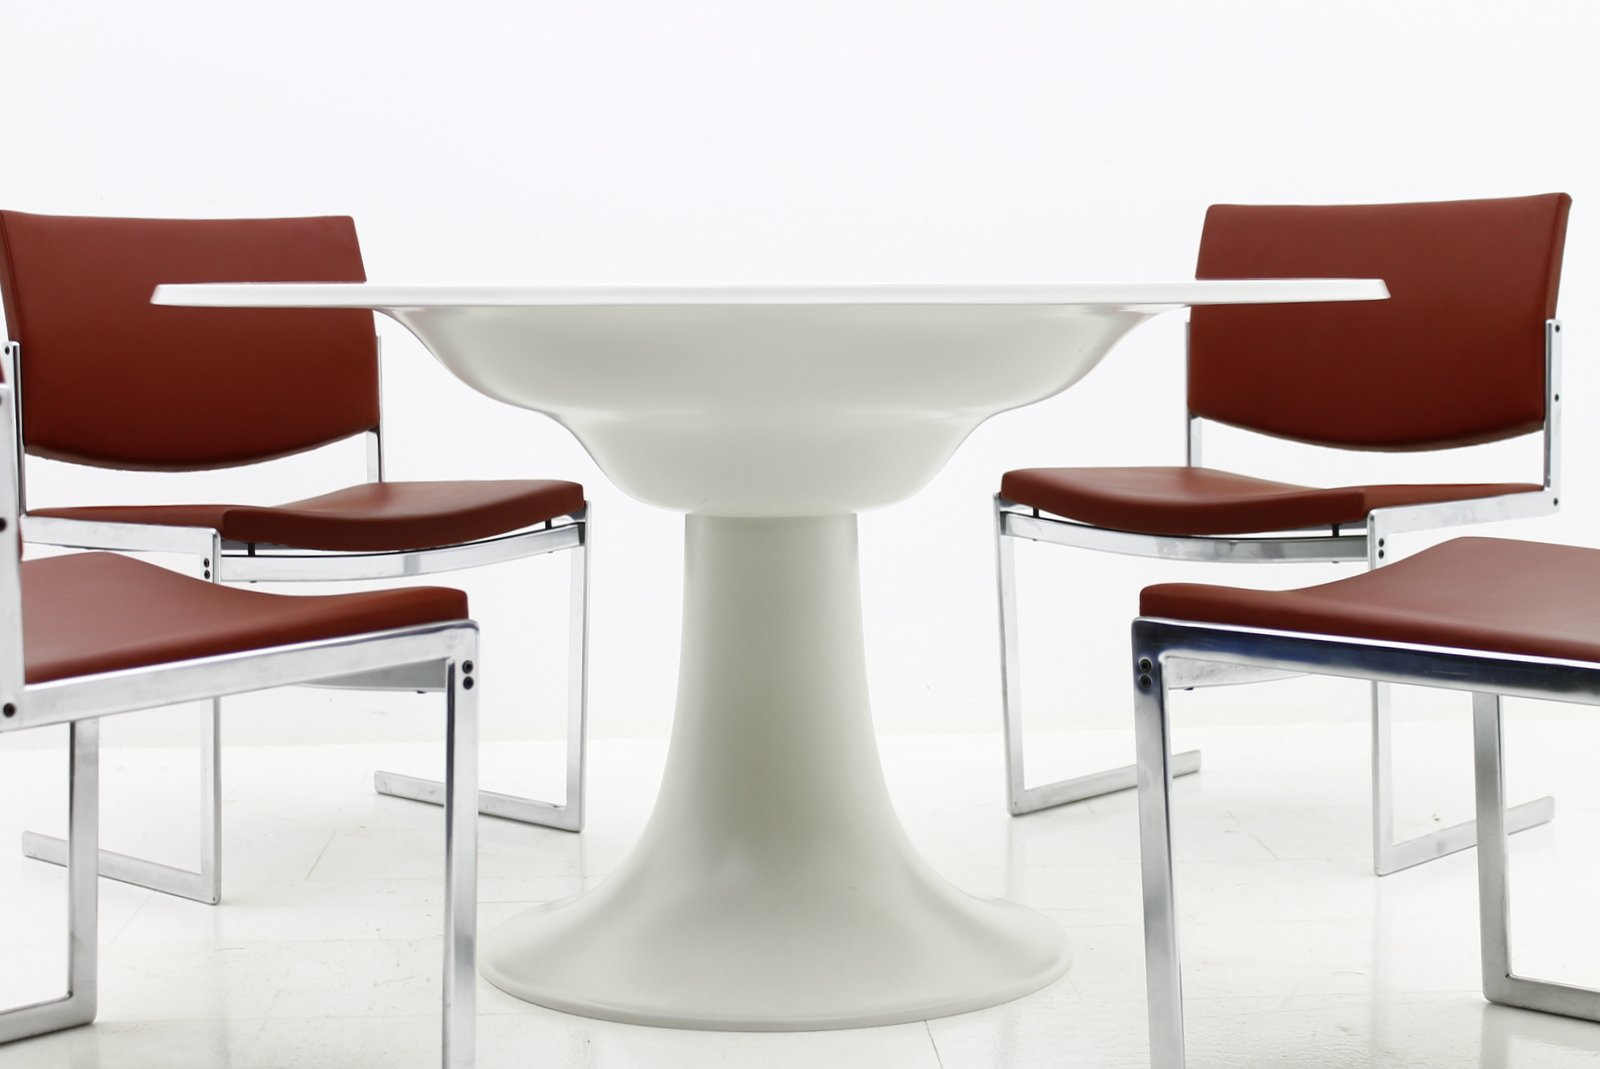 Table de salle manger en fibre de verre par otto zapf for 3 suisses table de salle a manger